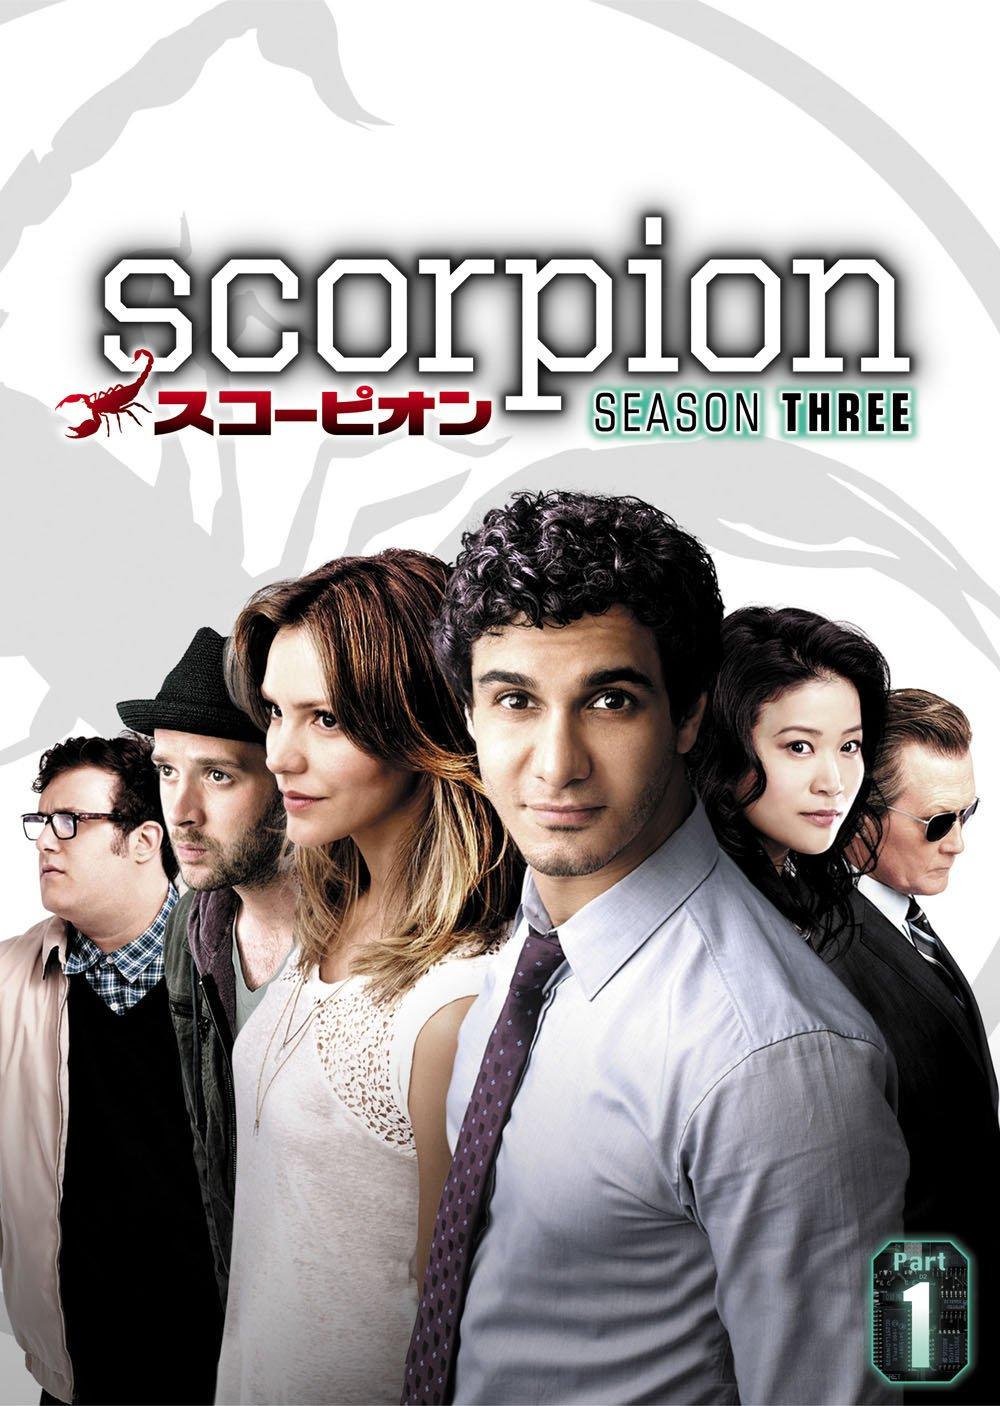 SCORPION/スコーピオン シーズン3 DVD-BOX Part1(6枚組) B079TQJ7KW